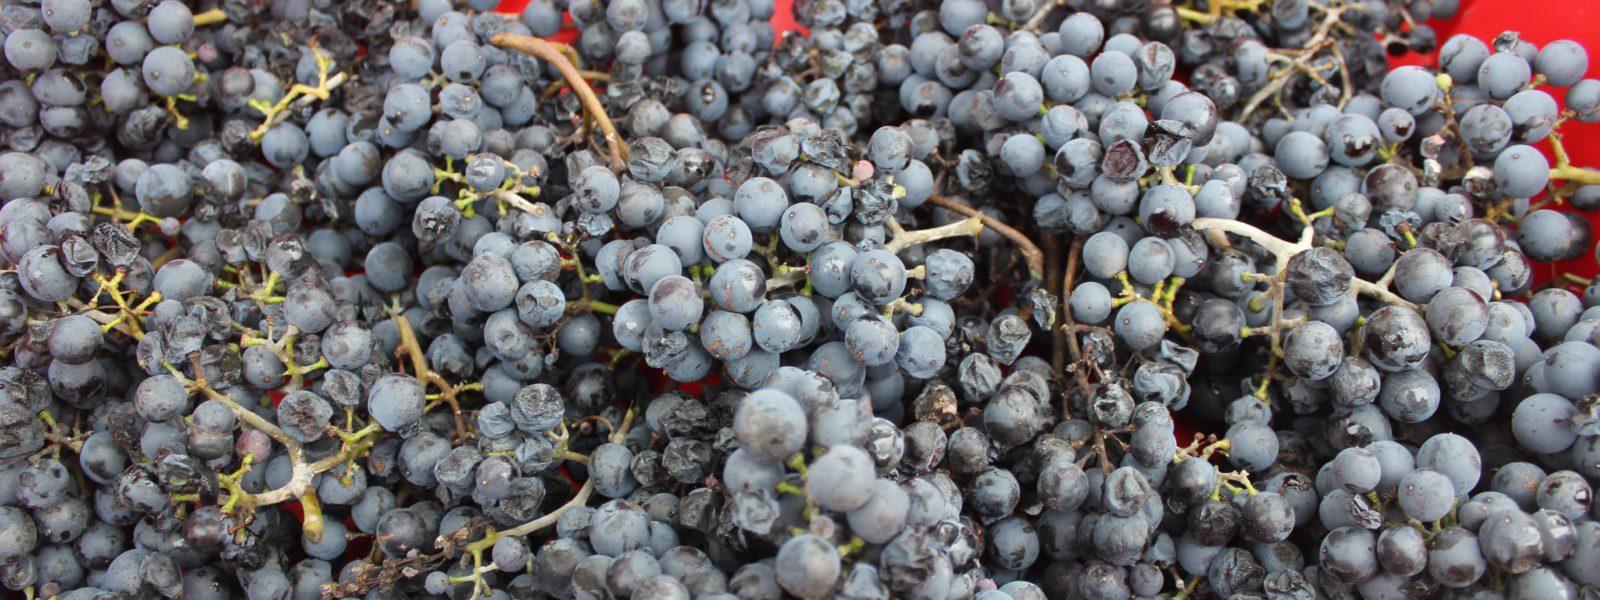 Concord grapes.